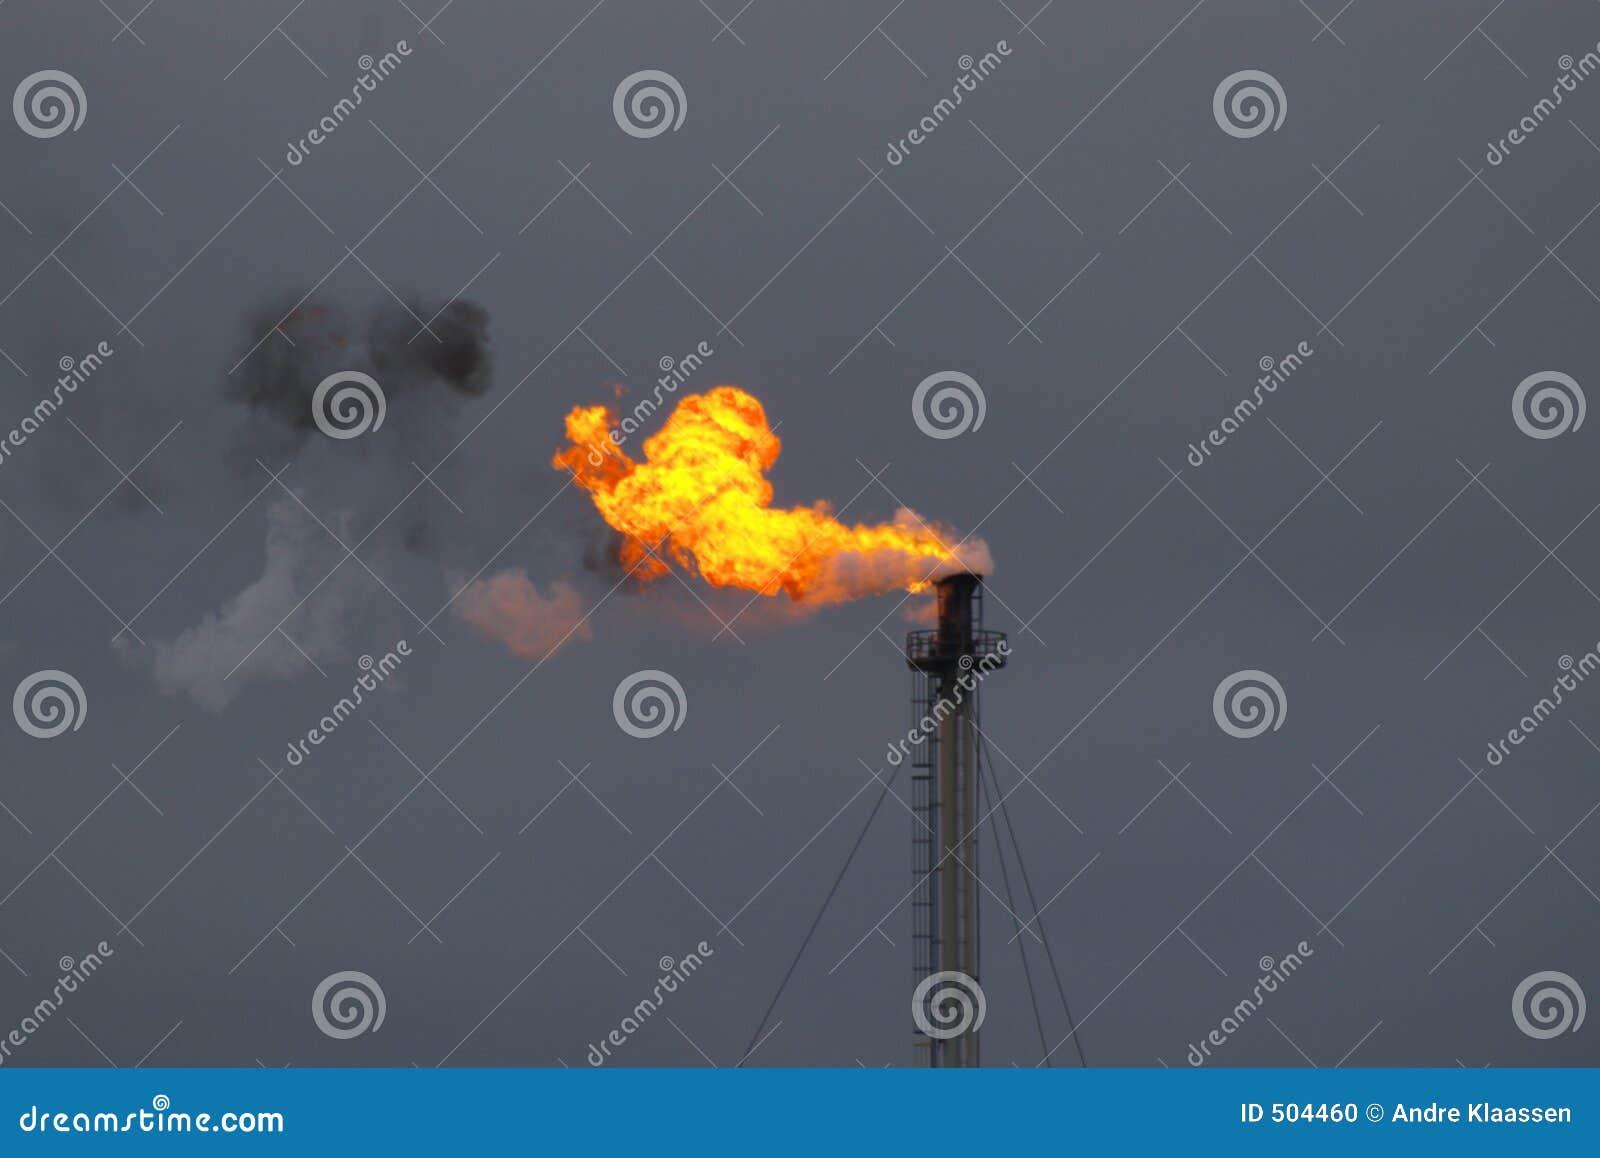 Rokende vlam van de industrie